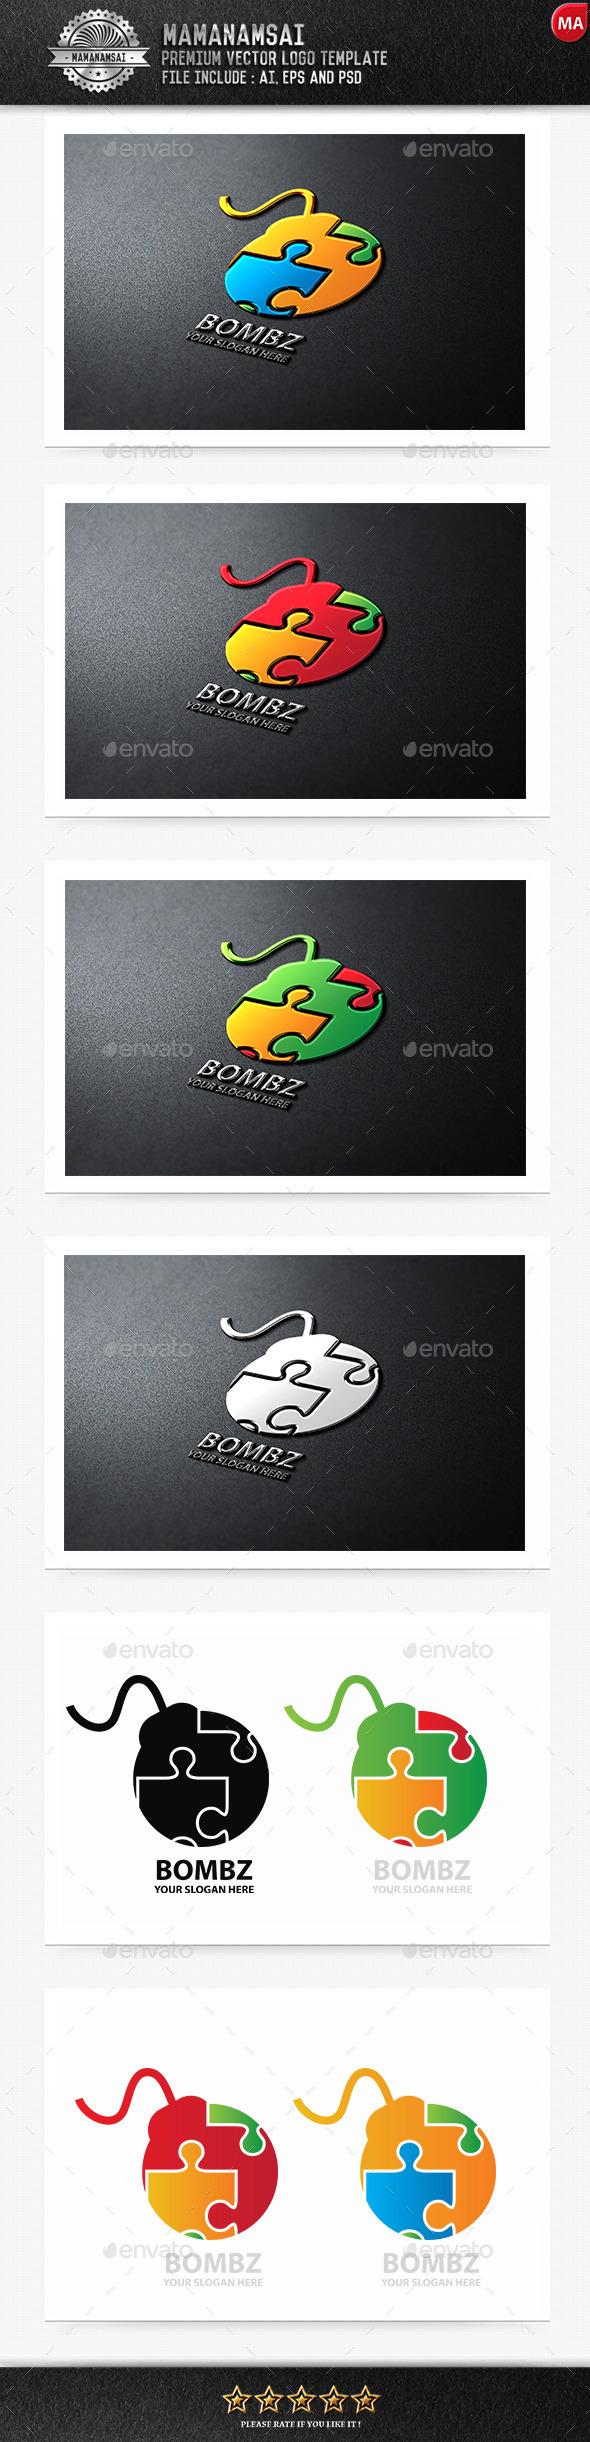 GraphicRiver Bomz Logo 9672865